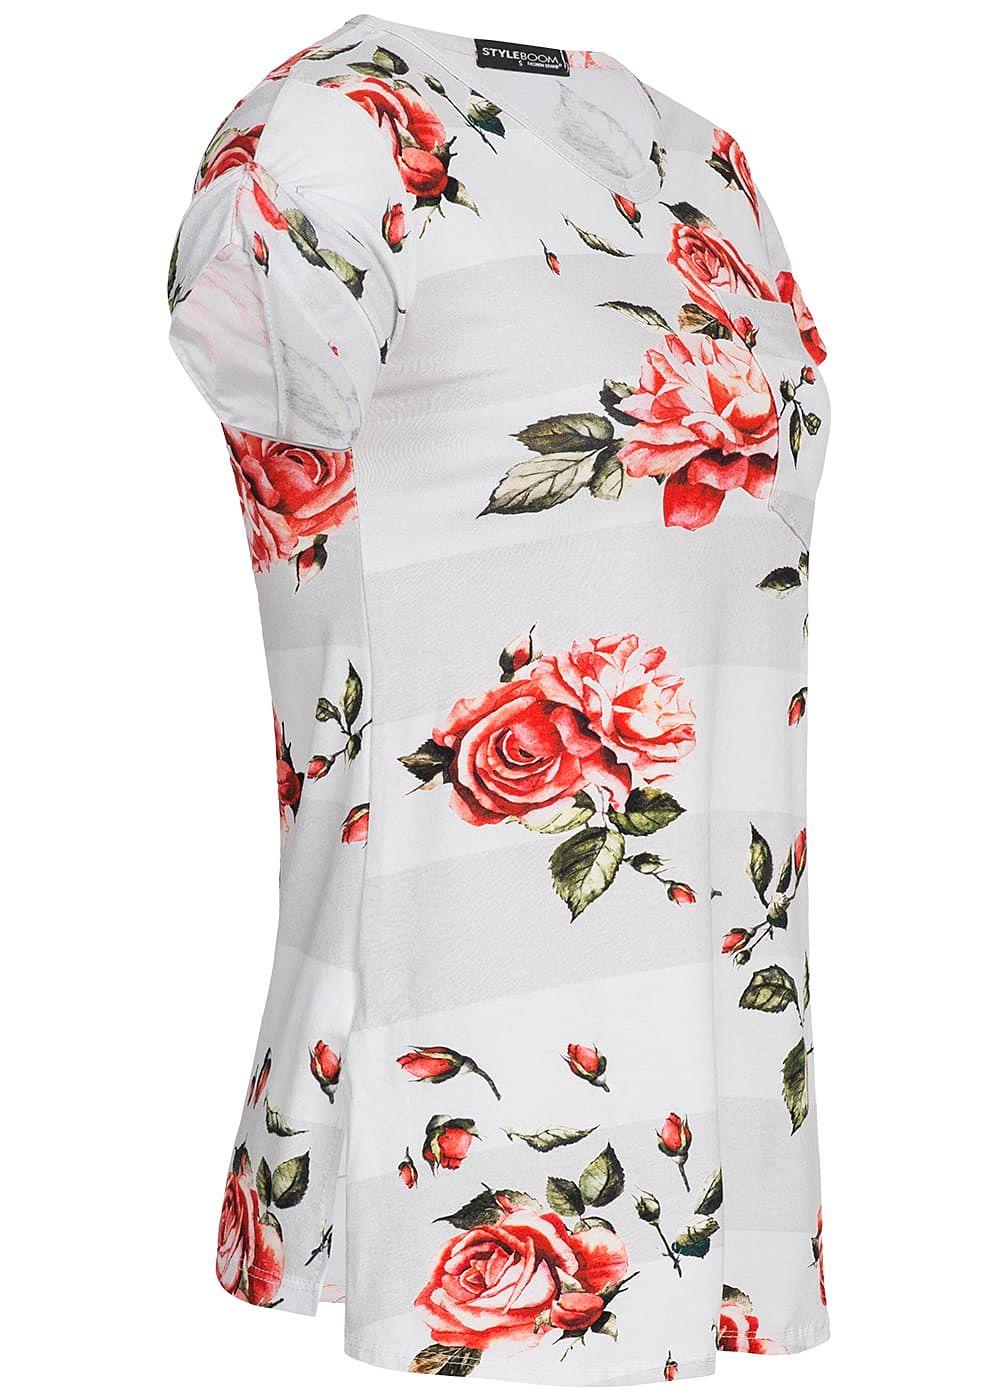 styleboom fashion damen t shirt brusttasche rosen print. Black Bedroom Furniture Sets. Home Design Ideas